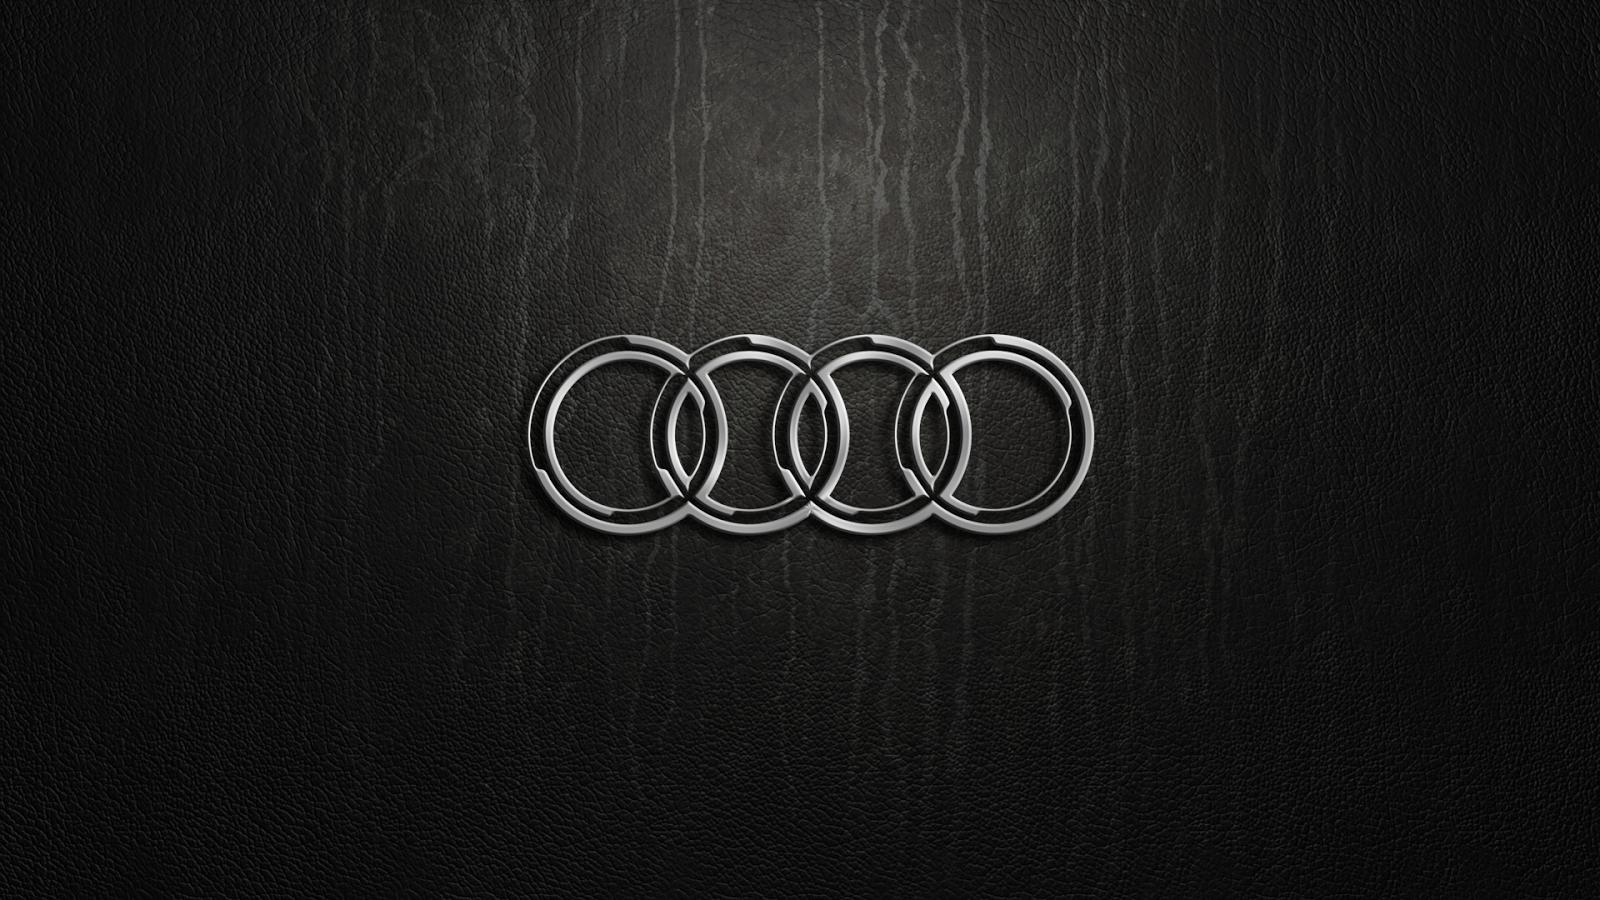 Audi Wallpaper Hd 1 Free Wallpapers Audi Logo Wallpapers Audi Audi Logo